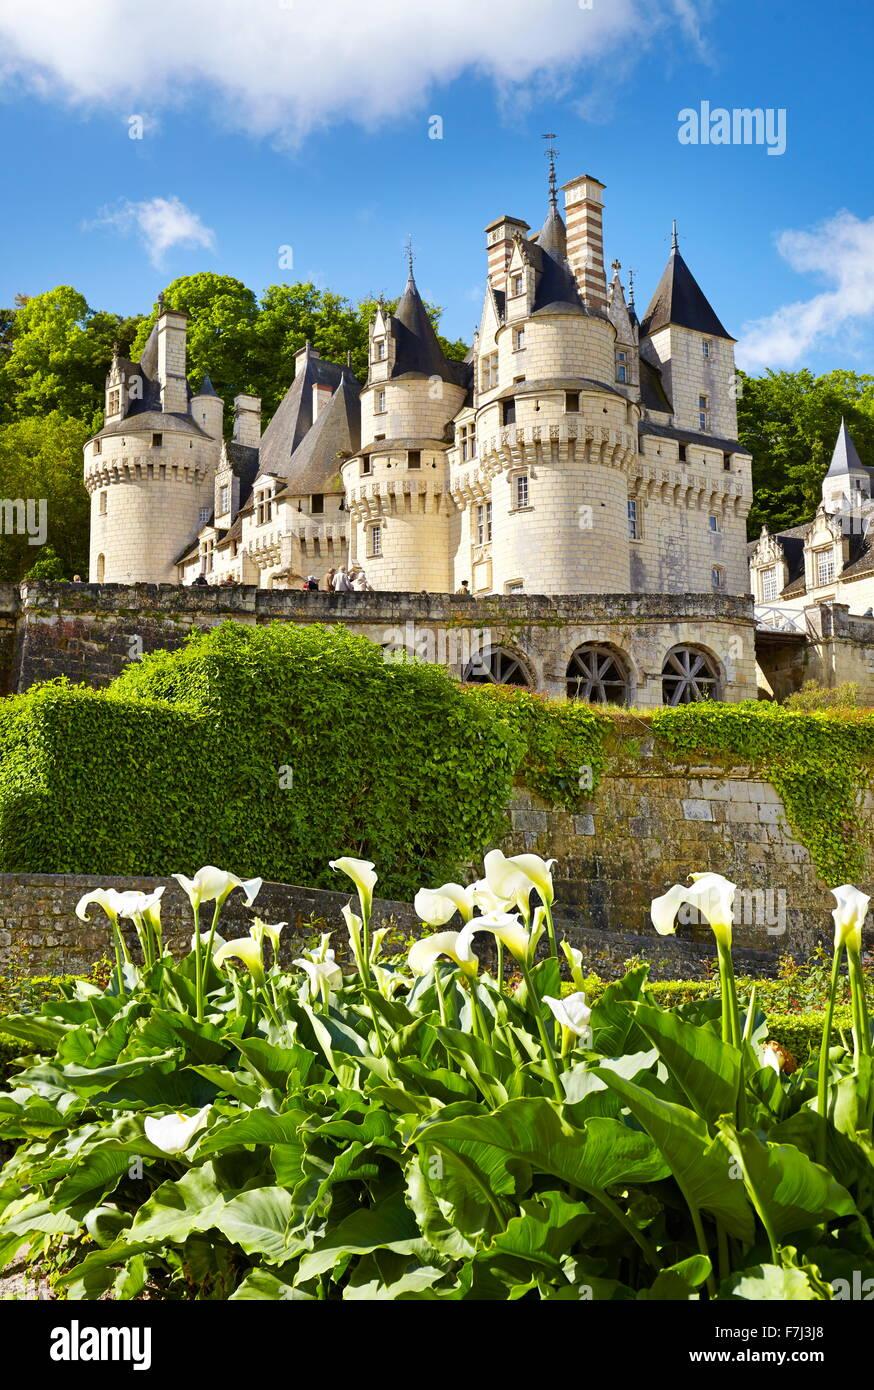 Il castello di Usse, Usse, Valle della Loira, Francia Immagini Stock